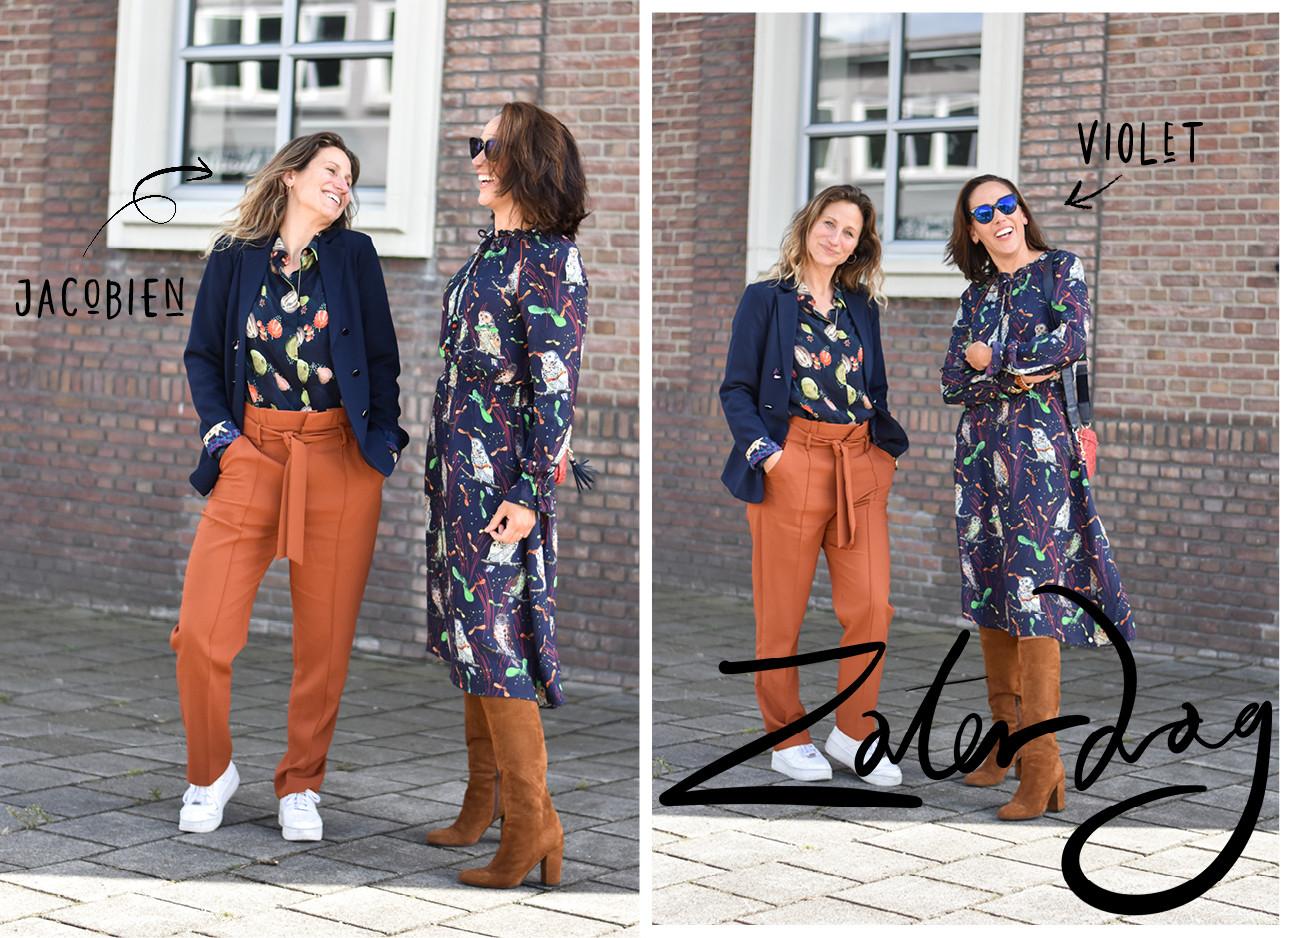 2 damens van het bedrijf POM AMsterdam